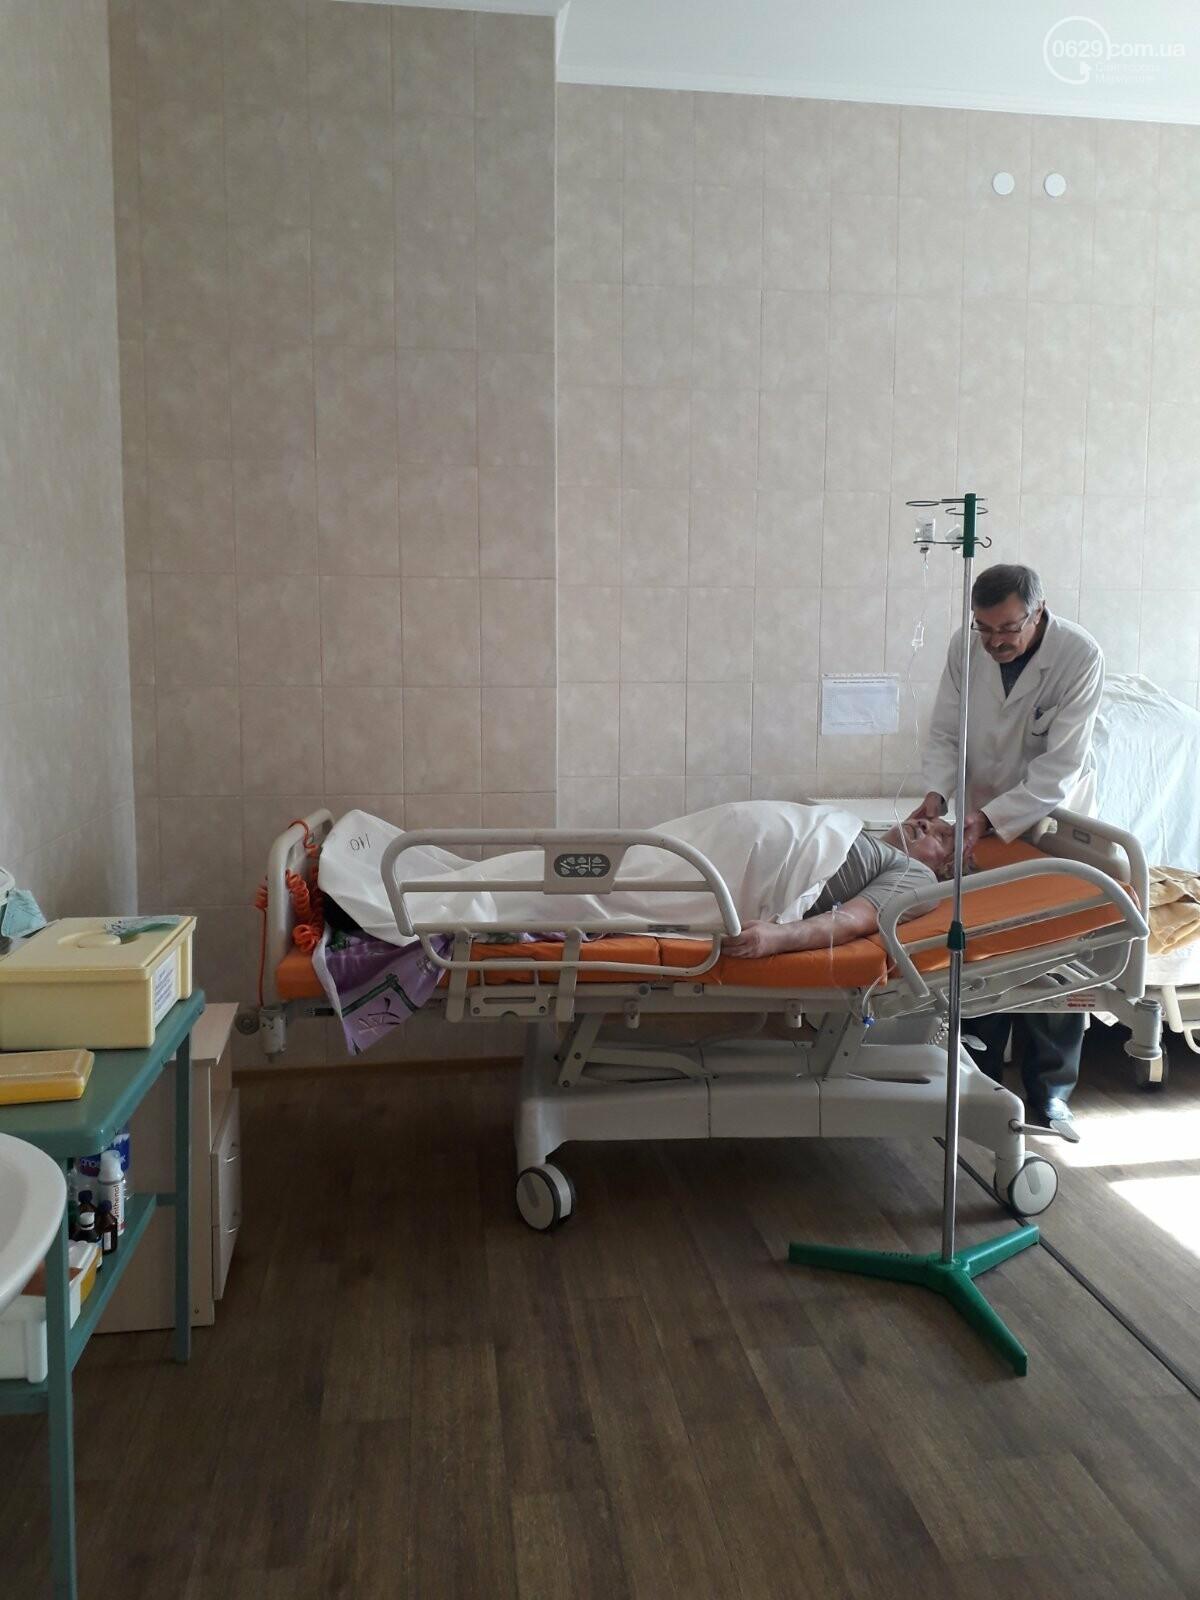 10 причин, чтобы умереть, и одно важное знание, чтобы выжить. Как в Мариупольской городской больнице №4  спасают от инсульта, фото-3